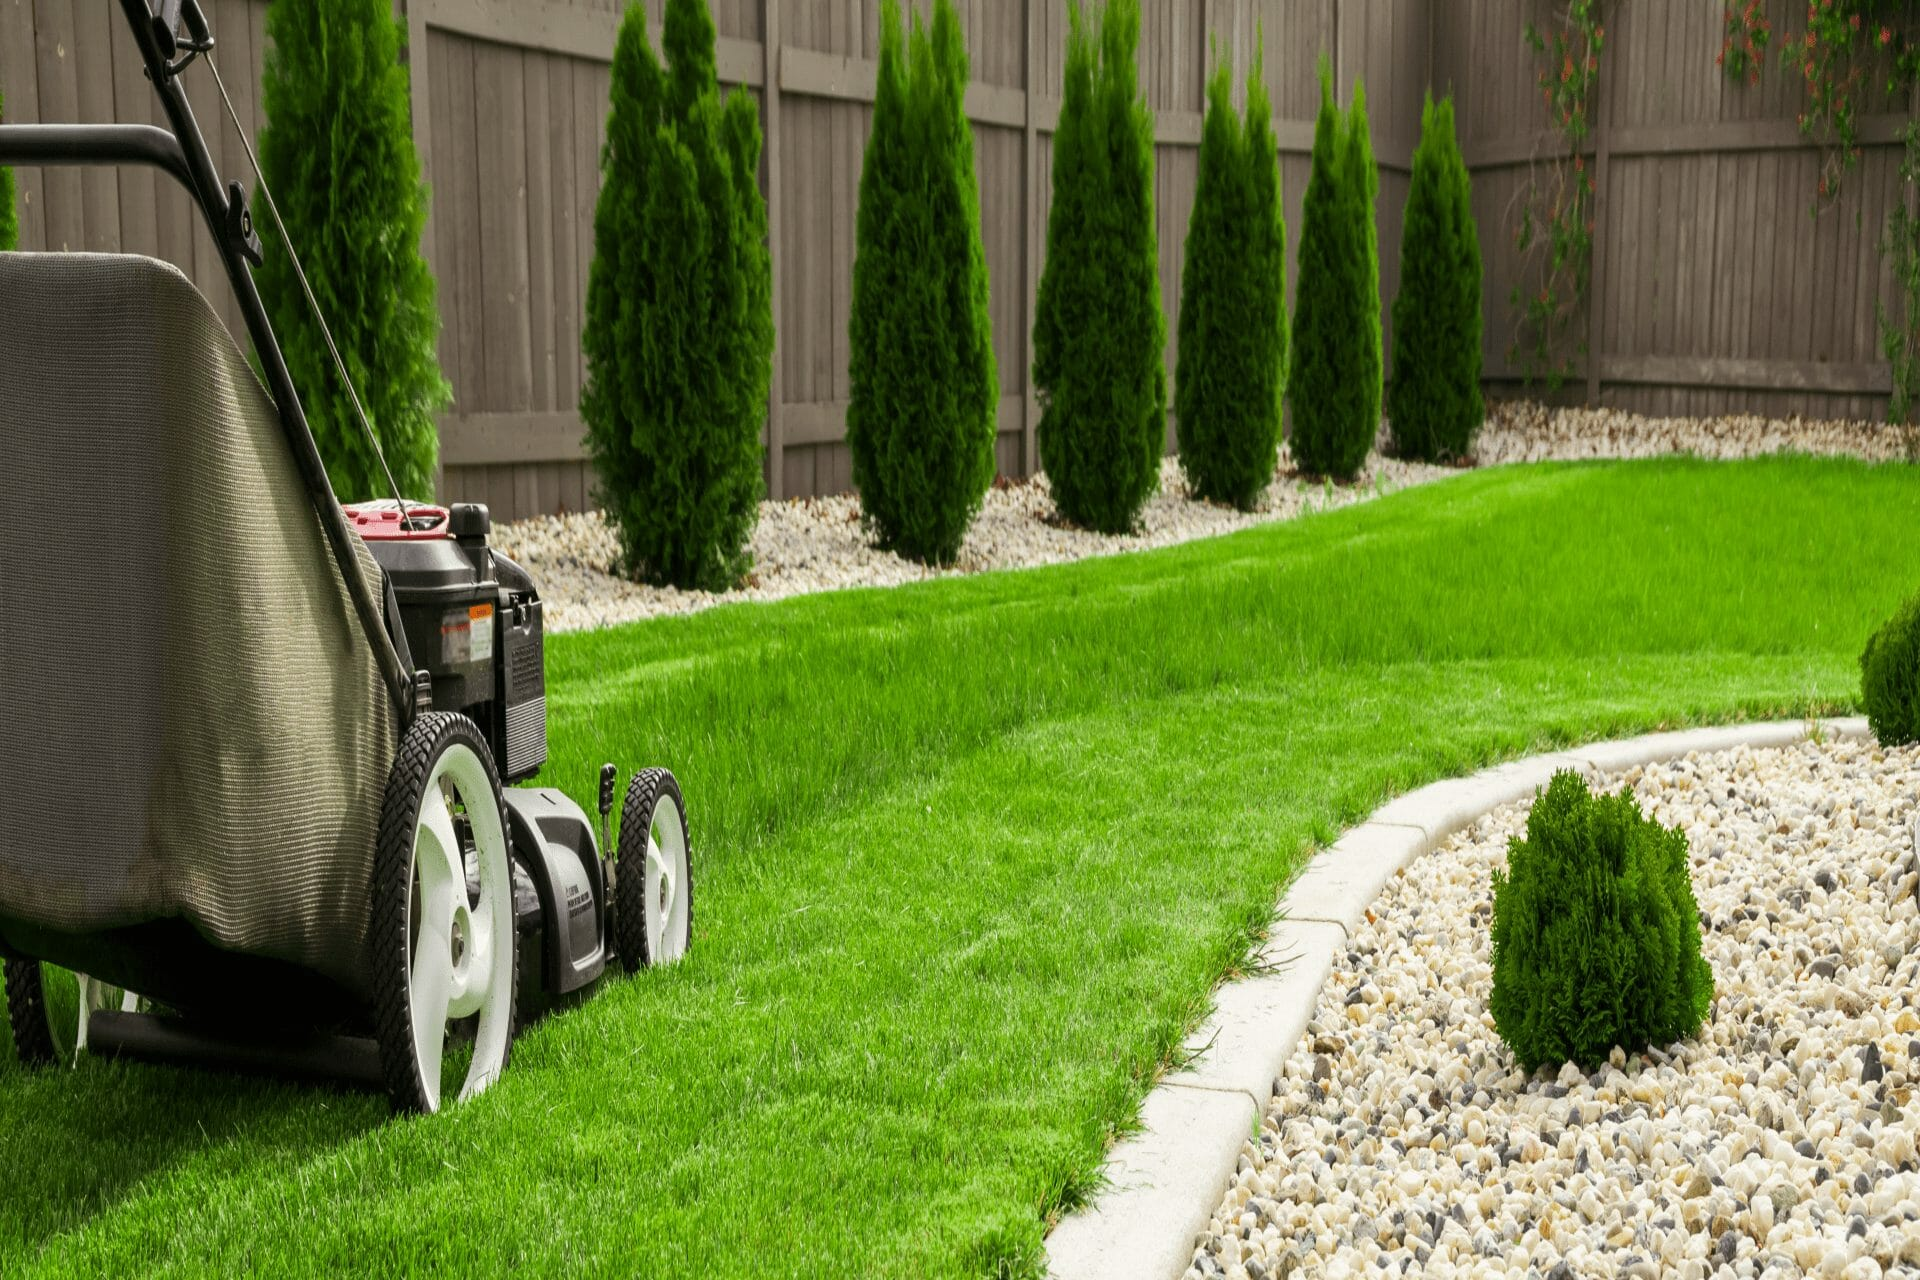 czystosc kosiarki do trawy